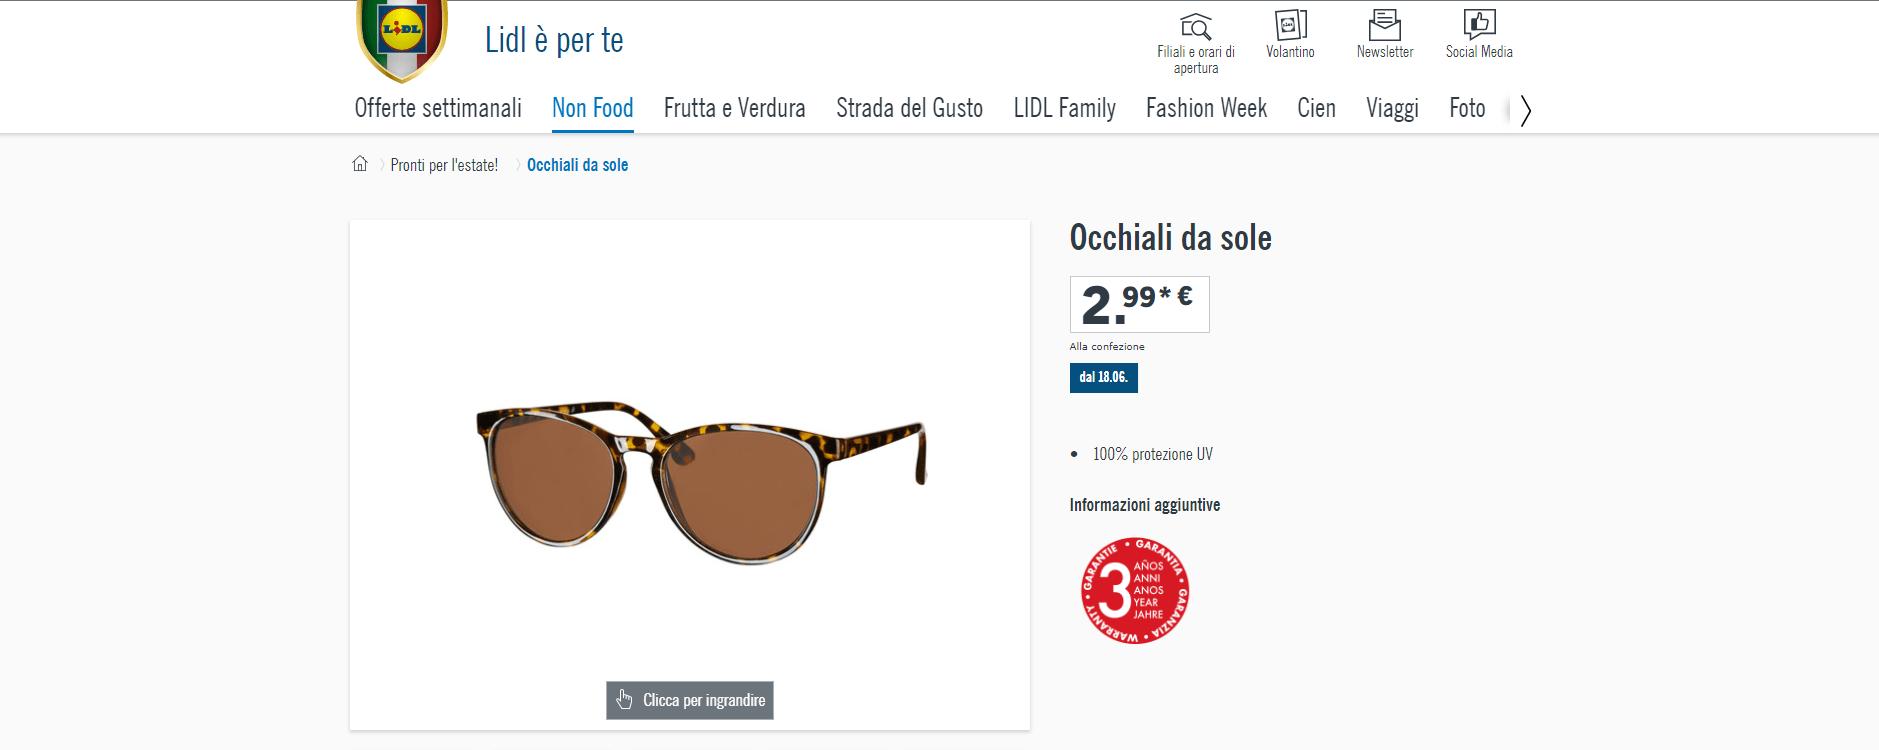 occhiali sole lidl meghan markle